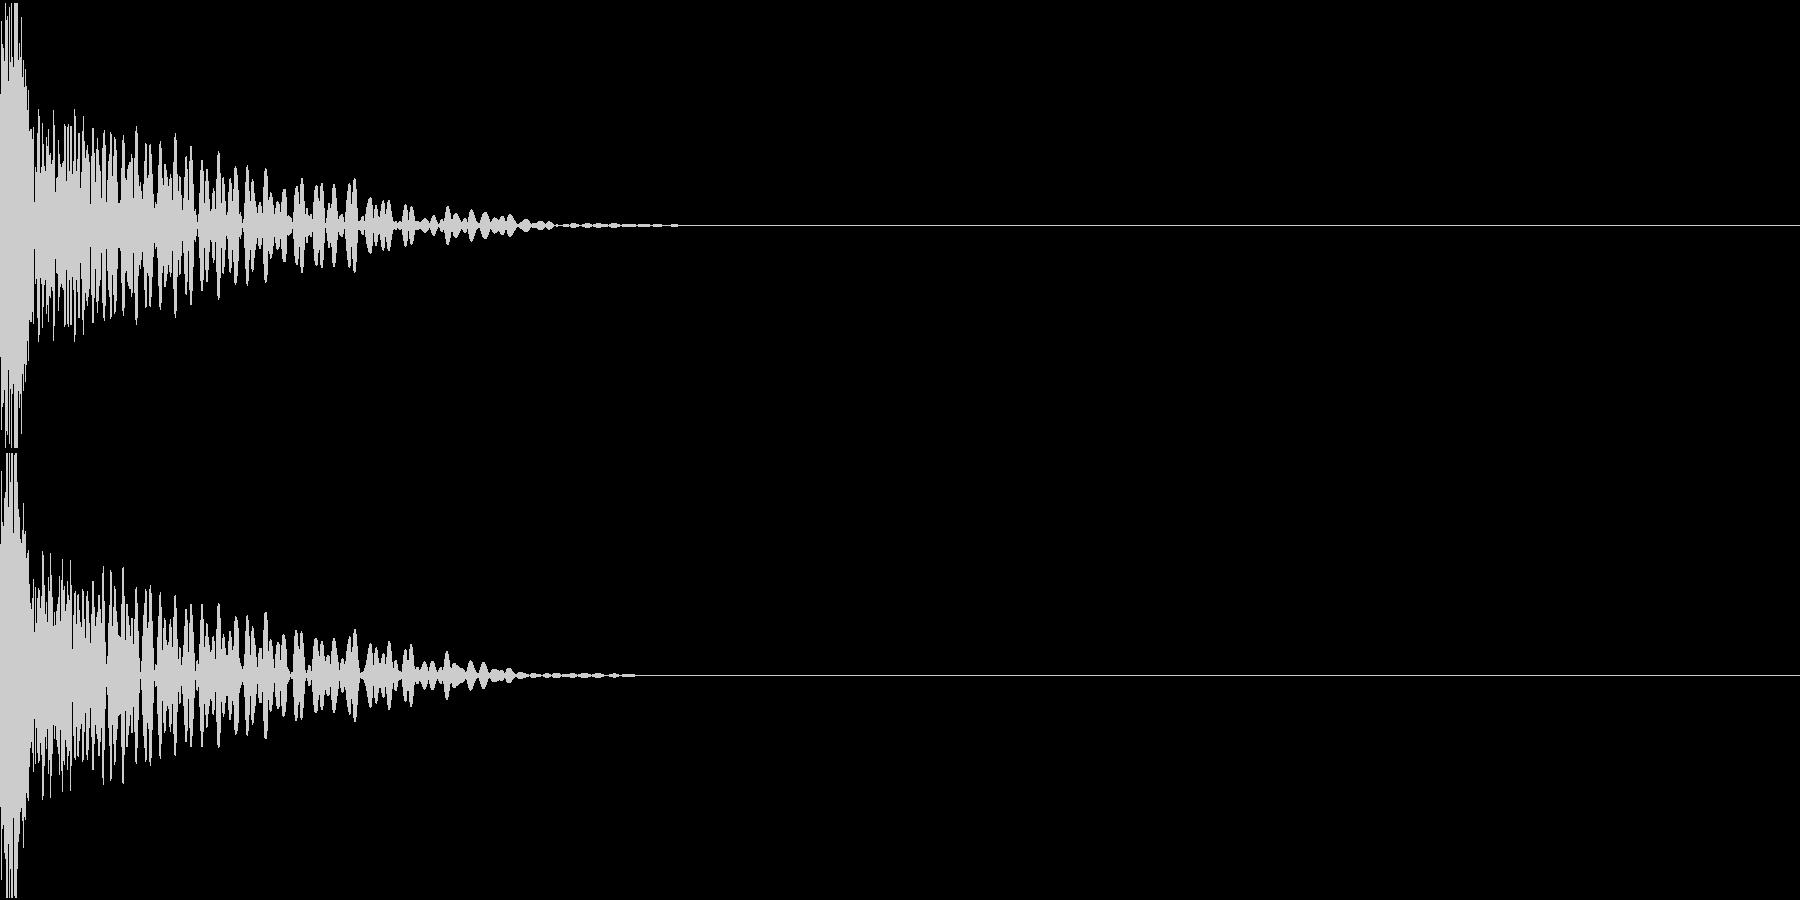 Invader ビーム銃 ショット音の未再生の波形